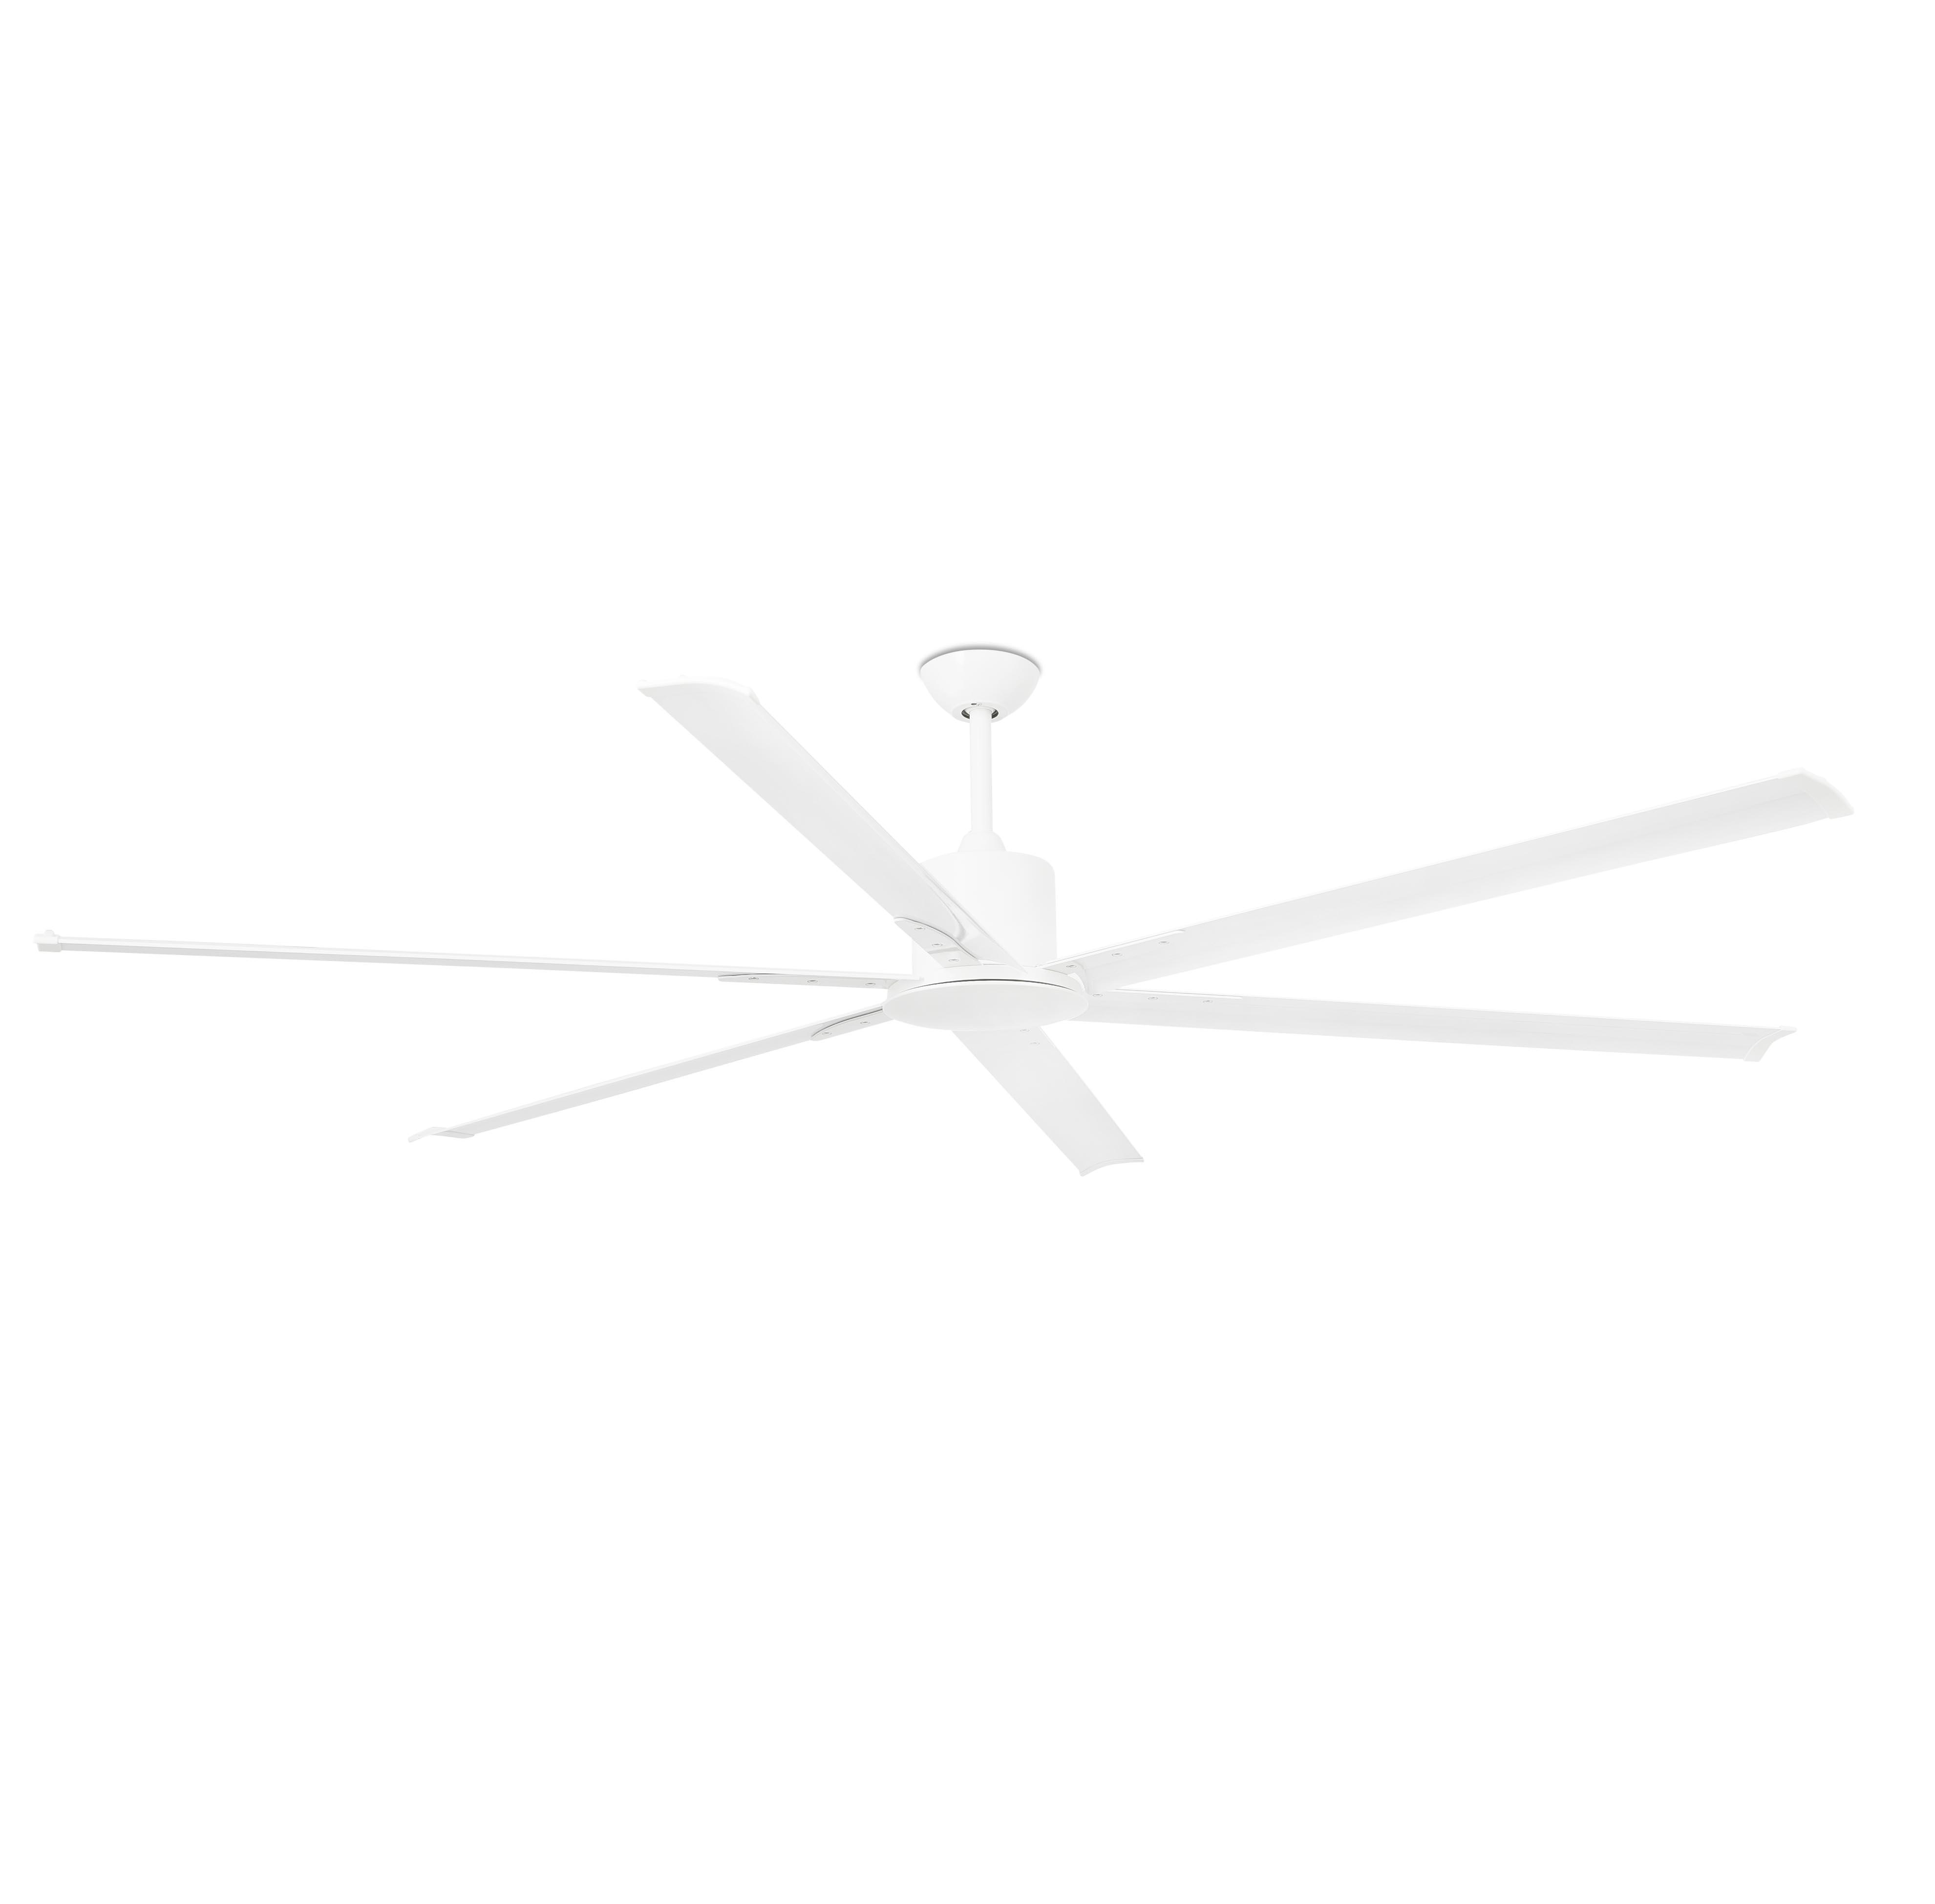 faro ventilateur basse consommation dc andros blanc 213cm ventilateurs de plafond pour. Black Bedroom Furniture Sets. Home Design Ideas